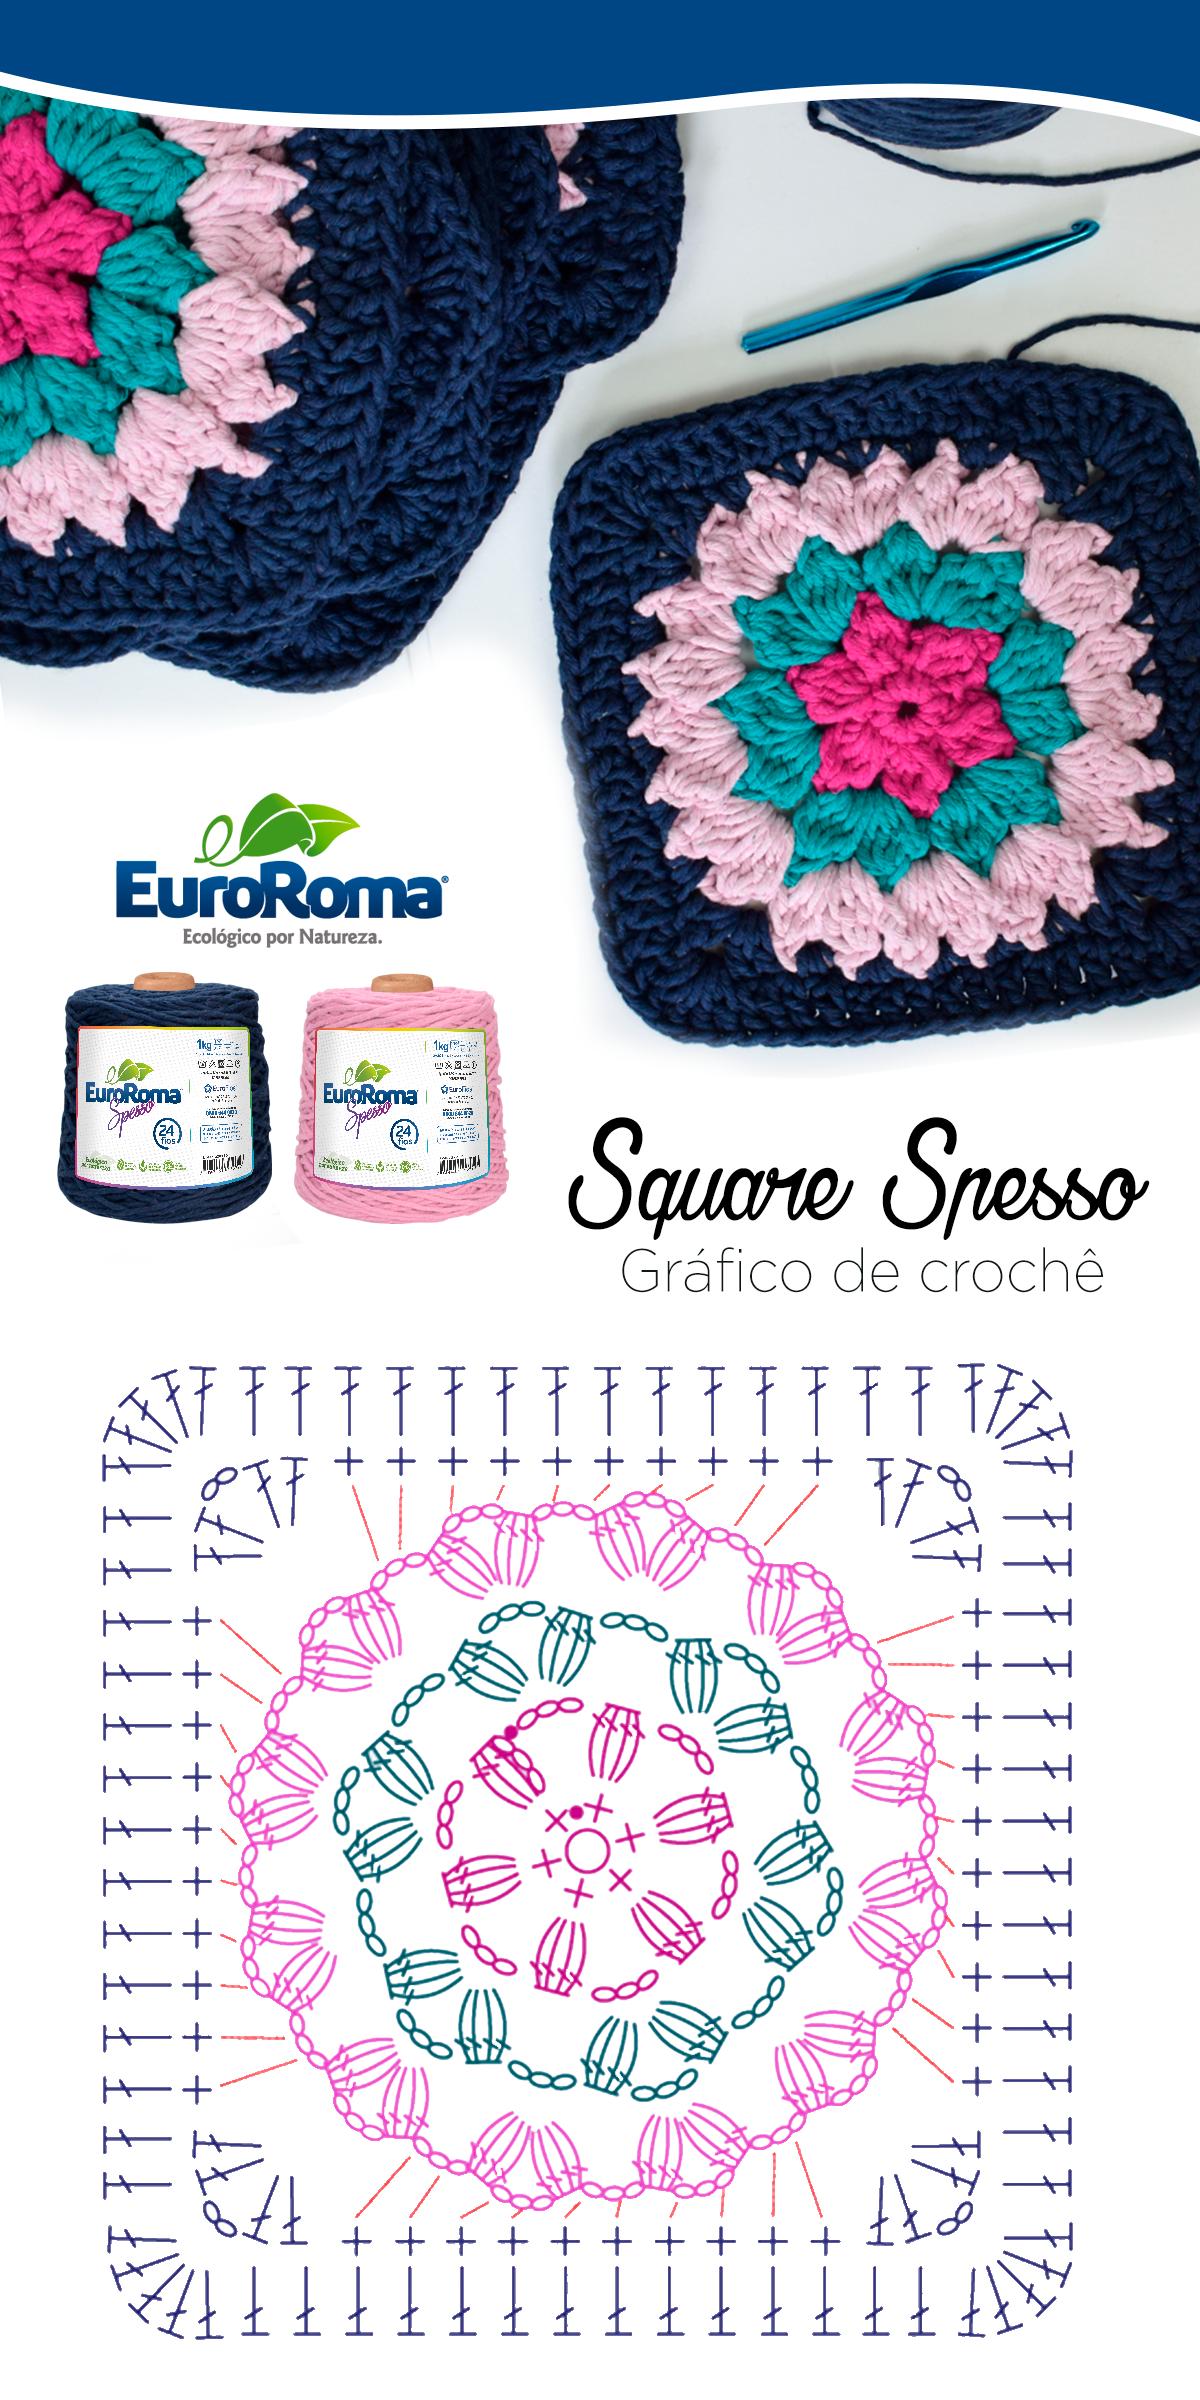 Square de Crochê utilizando o EuroRoma Spesso nas cores Azul Petróleo, Rosa Bebê, Pink e Verde Água Claro. #crochetmotif